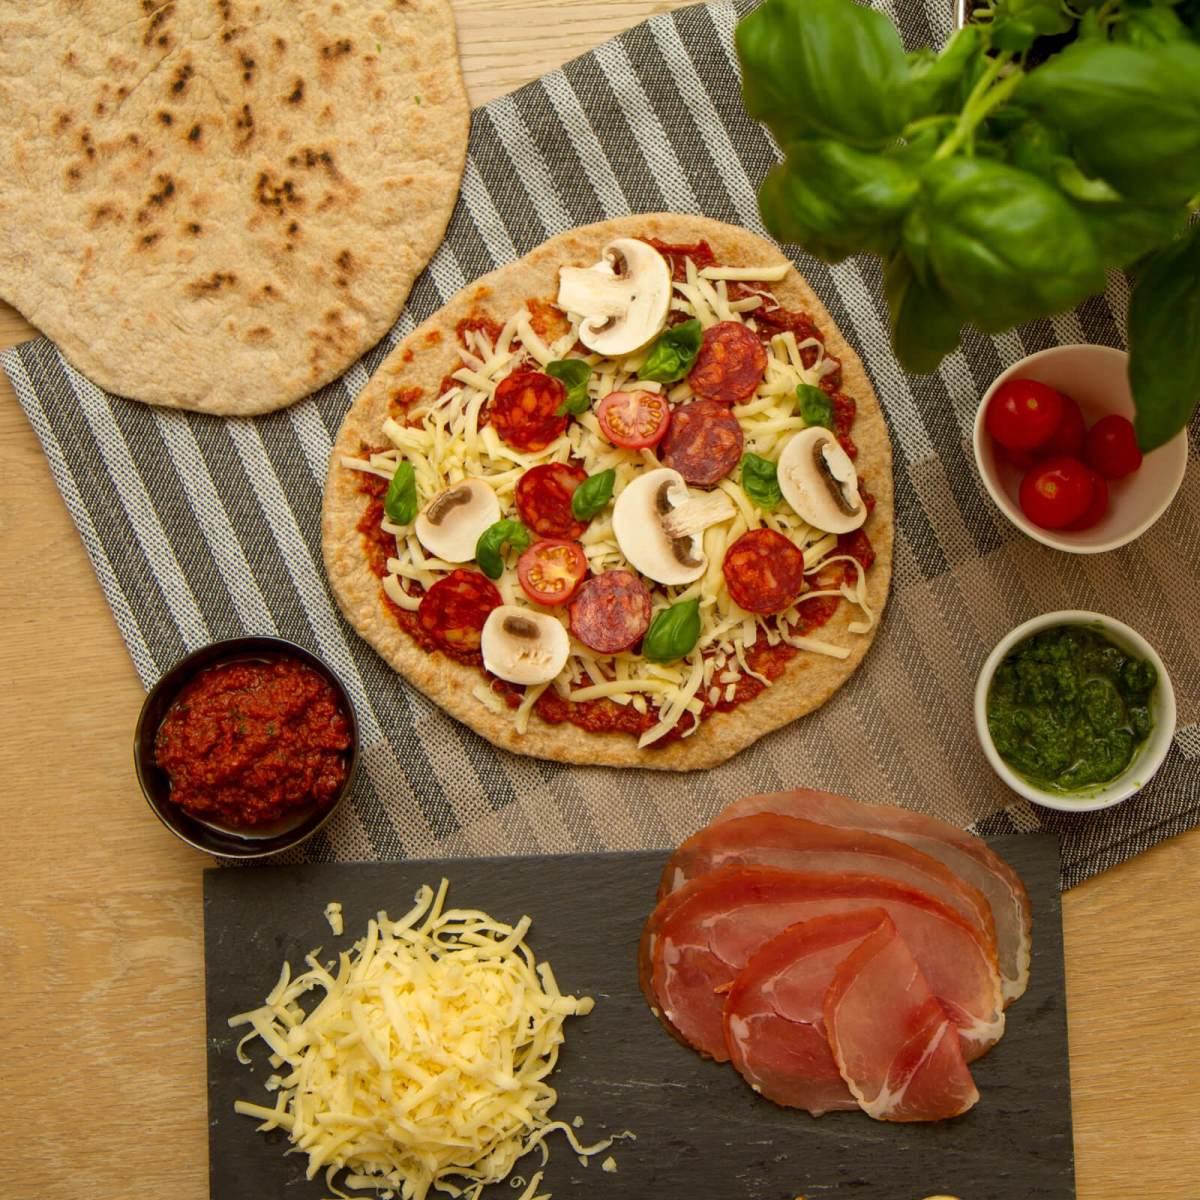 Lettvinte pizzaer på 1-2-3